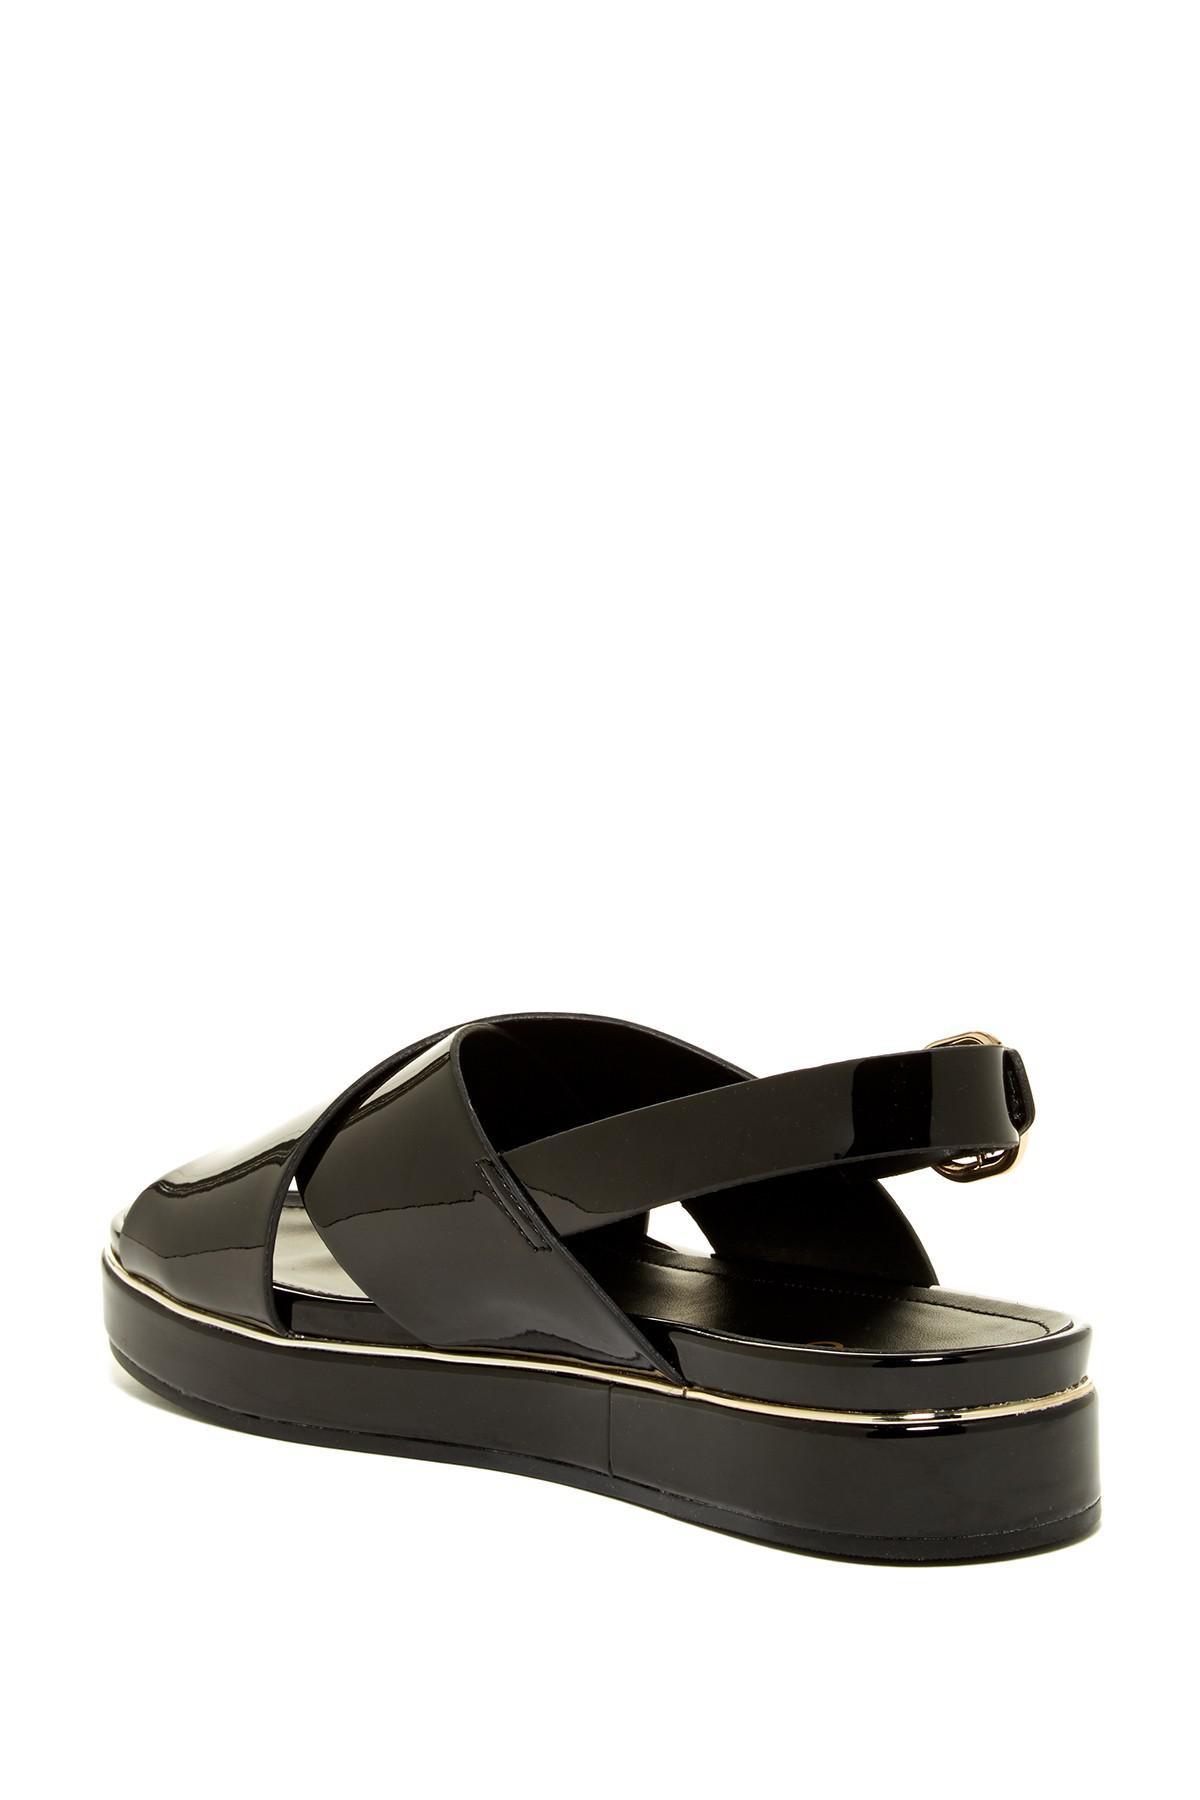 6853b365104c Lyst - ALDO Glaros Sandal in Black